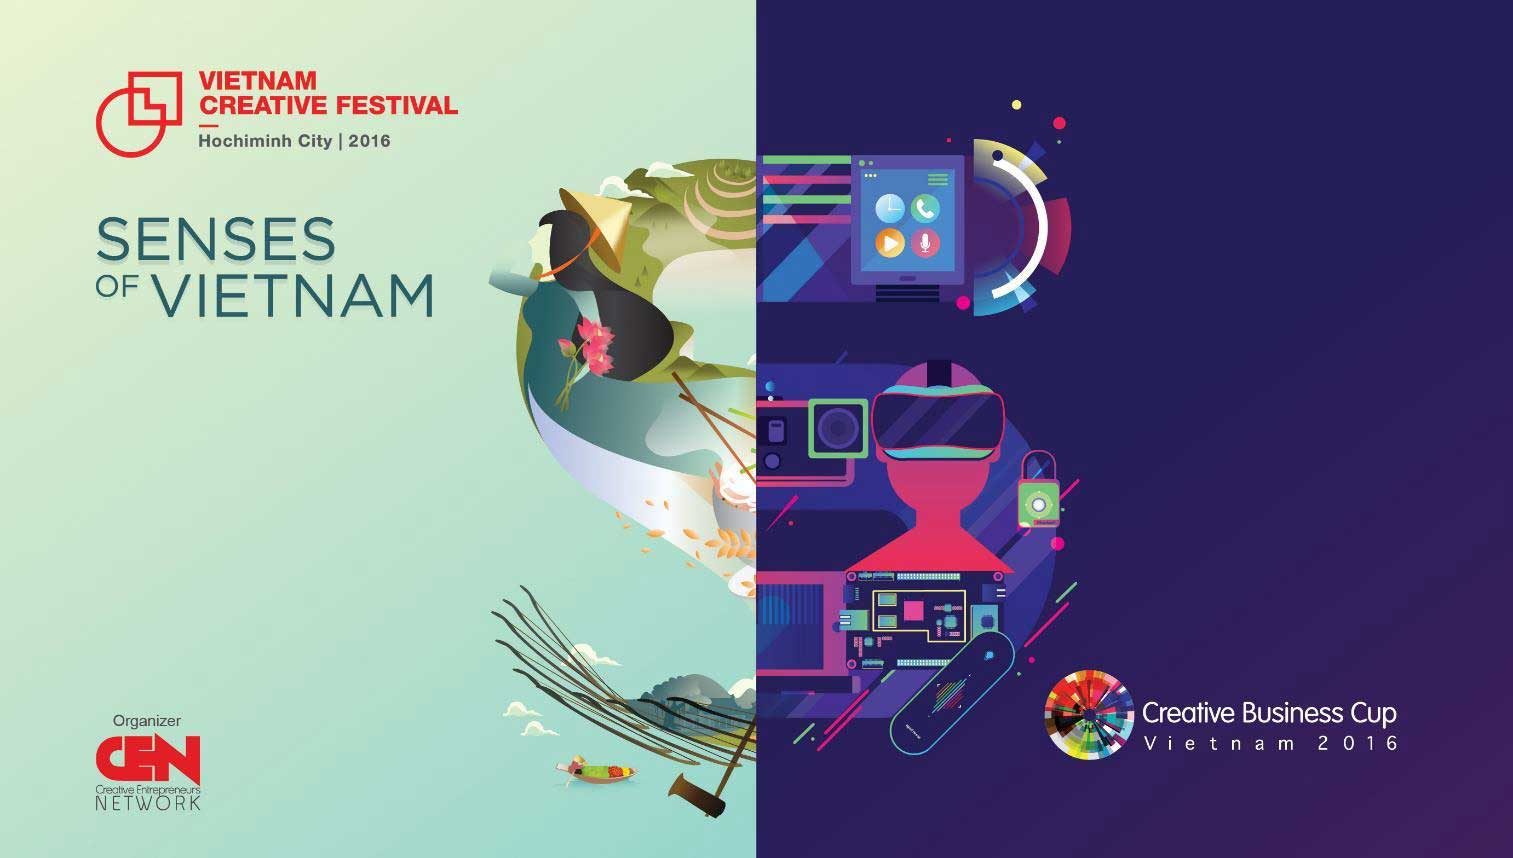 Sự kiện nổi bật nhất trong năm 2016 của cộng đồng thiết kế